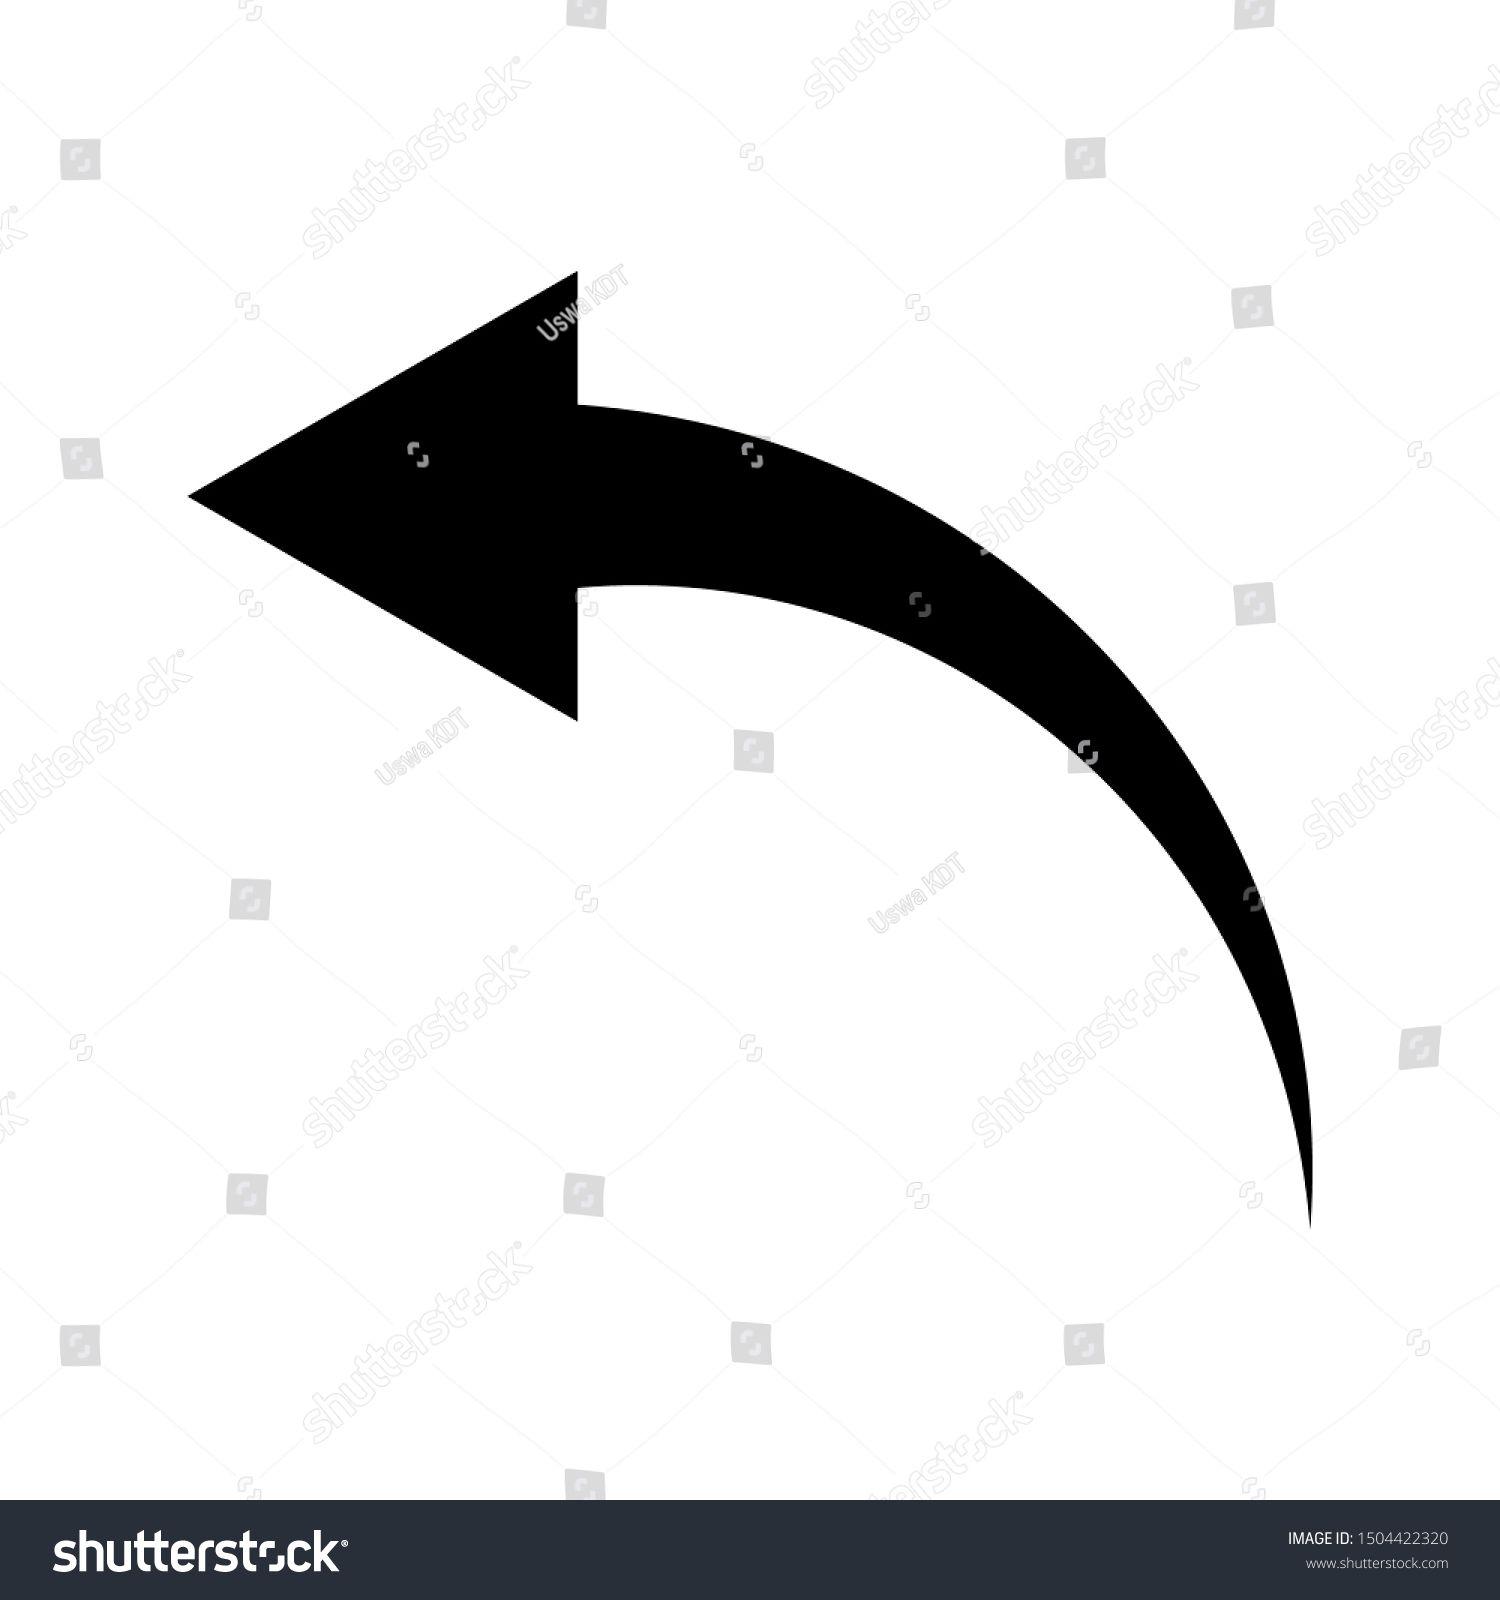 Arrow Icon Illustration Arrow Symbols Icons Stock Vector Royalty Free 1504422320 Icon Illustration Arrow Symbol Symbols